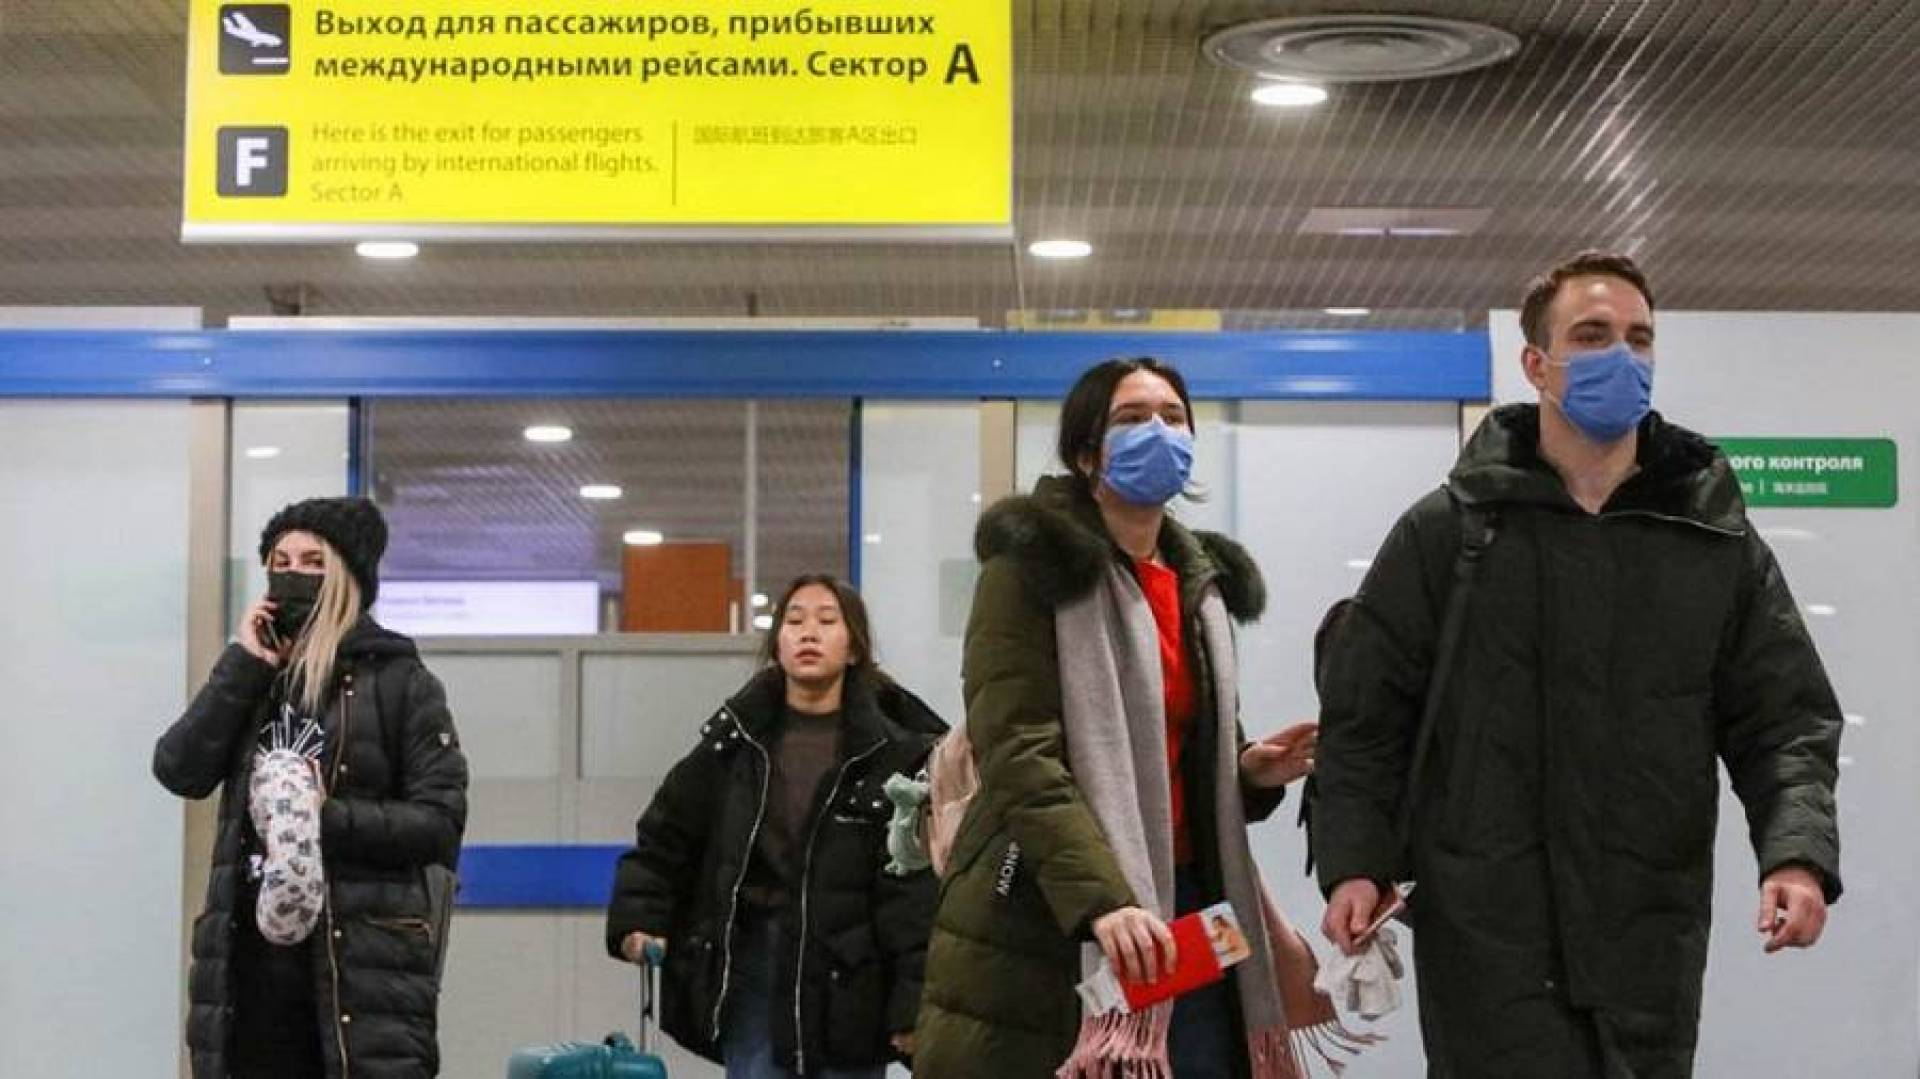 موسكو: السجن لمن لا يعزلون أنفسهم بسبب كورونا